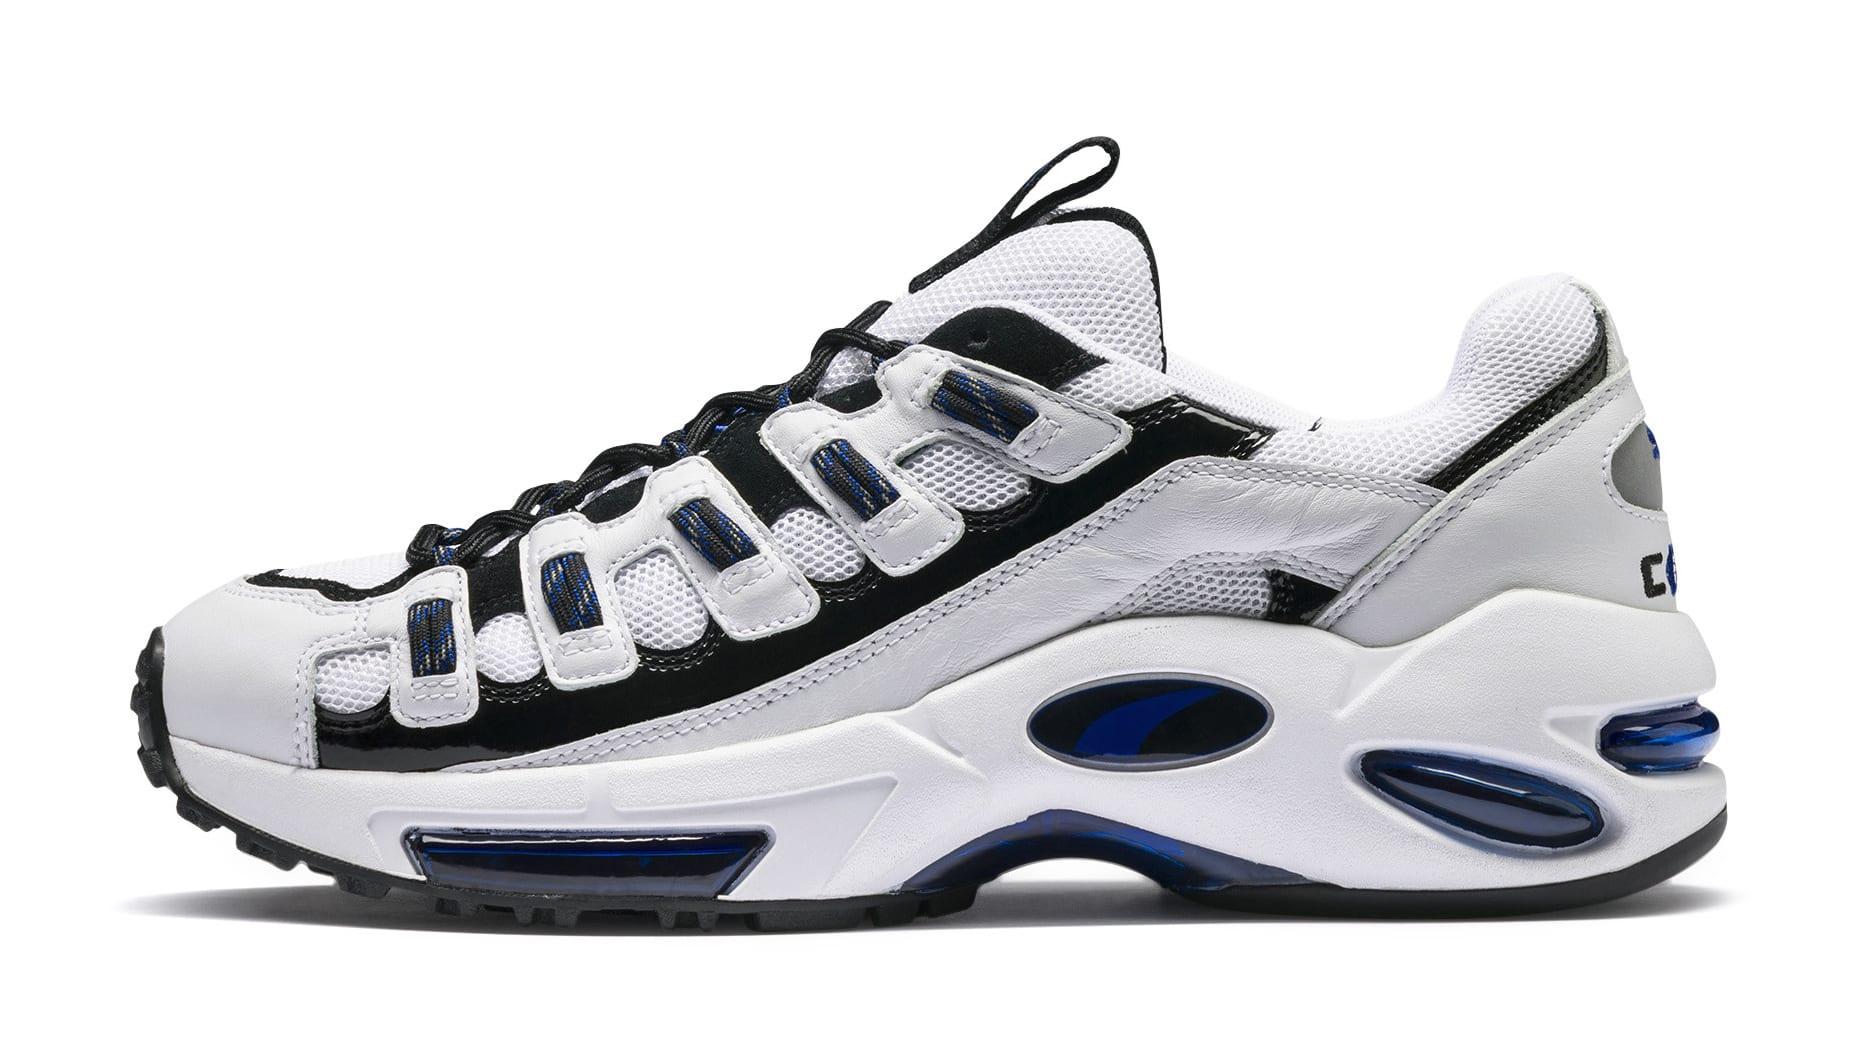 puma-cell-endura-white-blue-black-369633-02-lateral